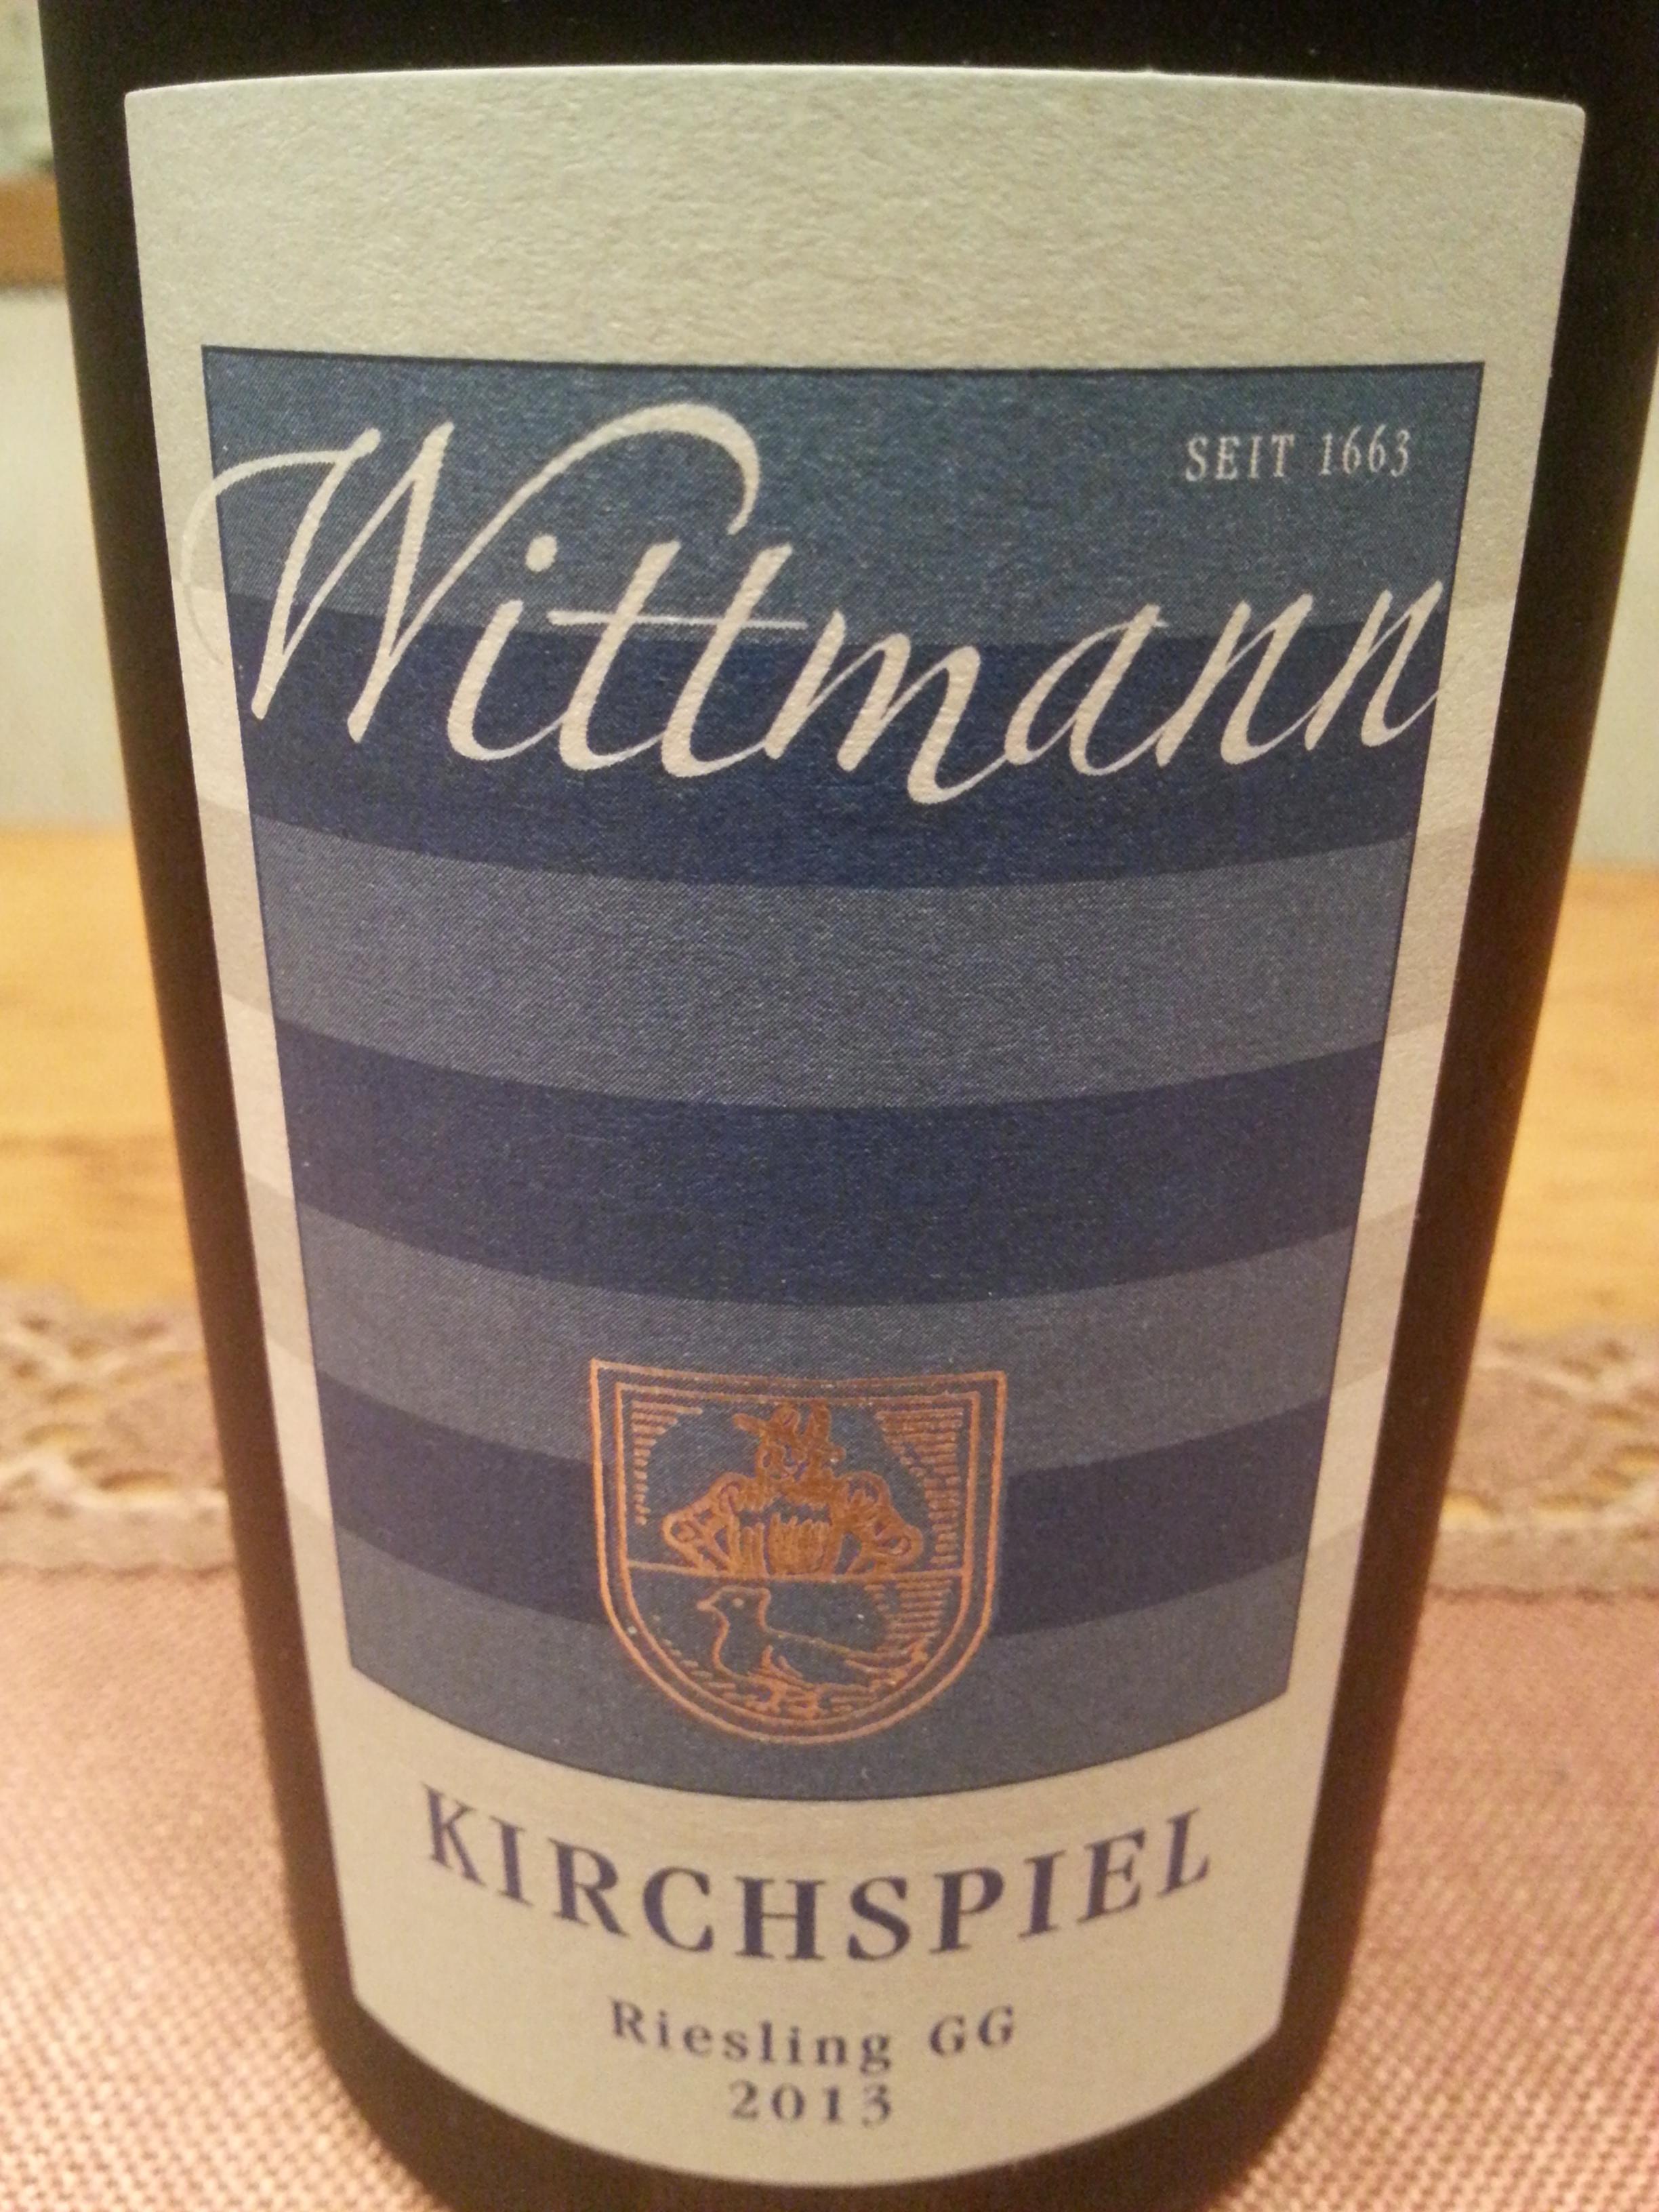 2013 Riesling Kirchspiel GG | Wittmann